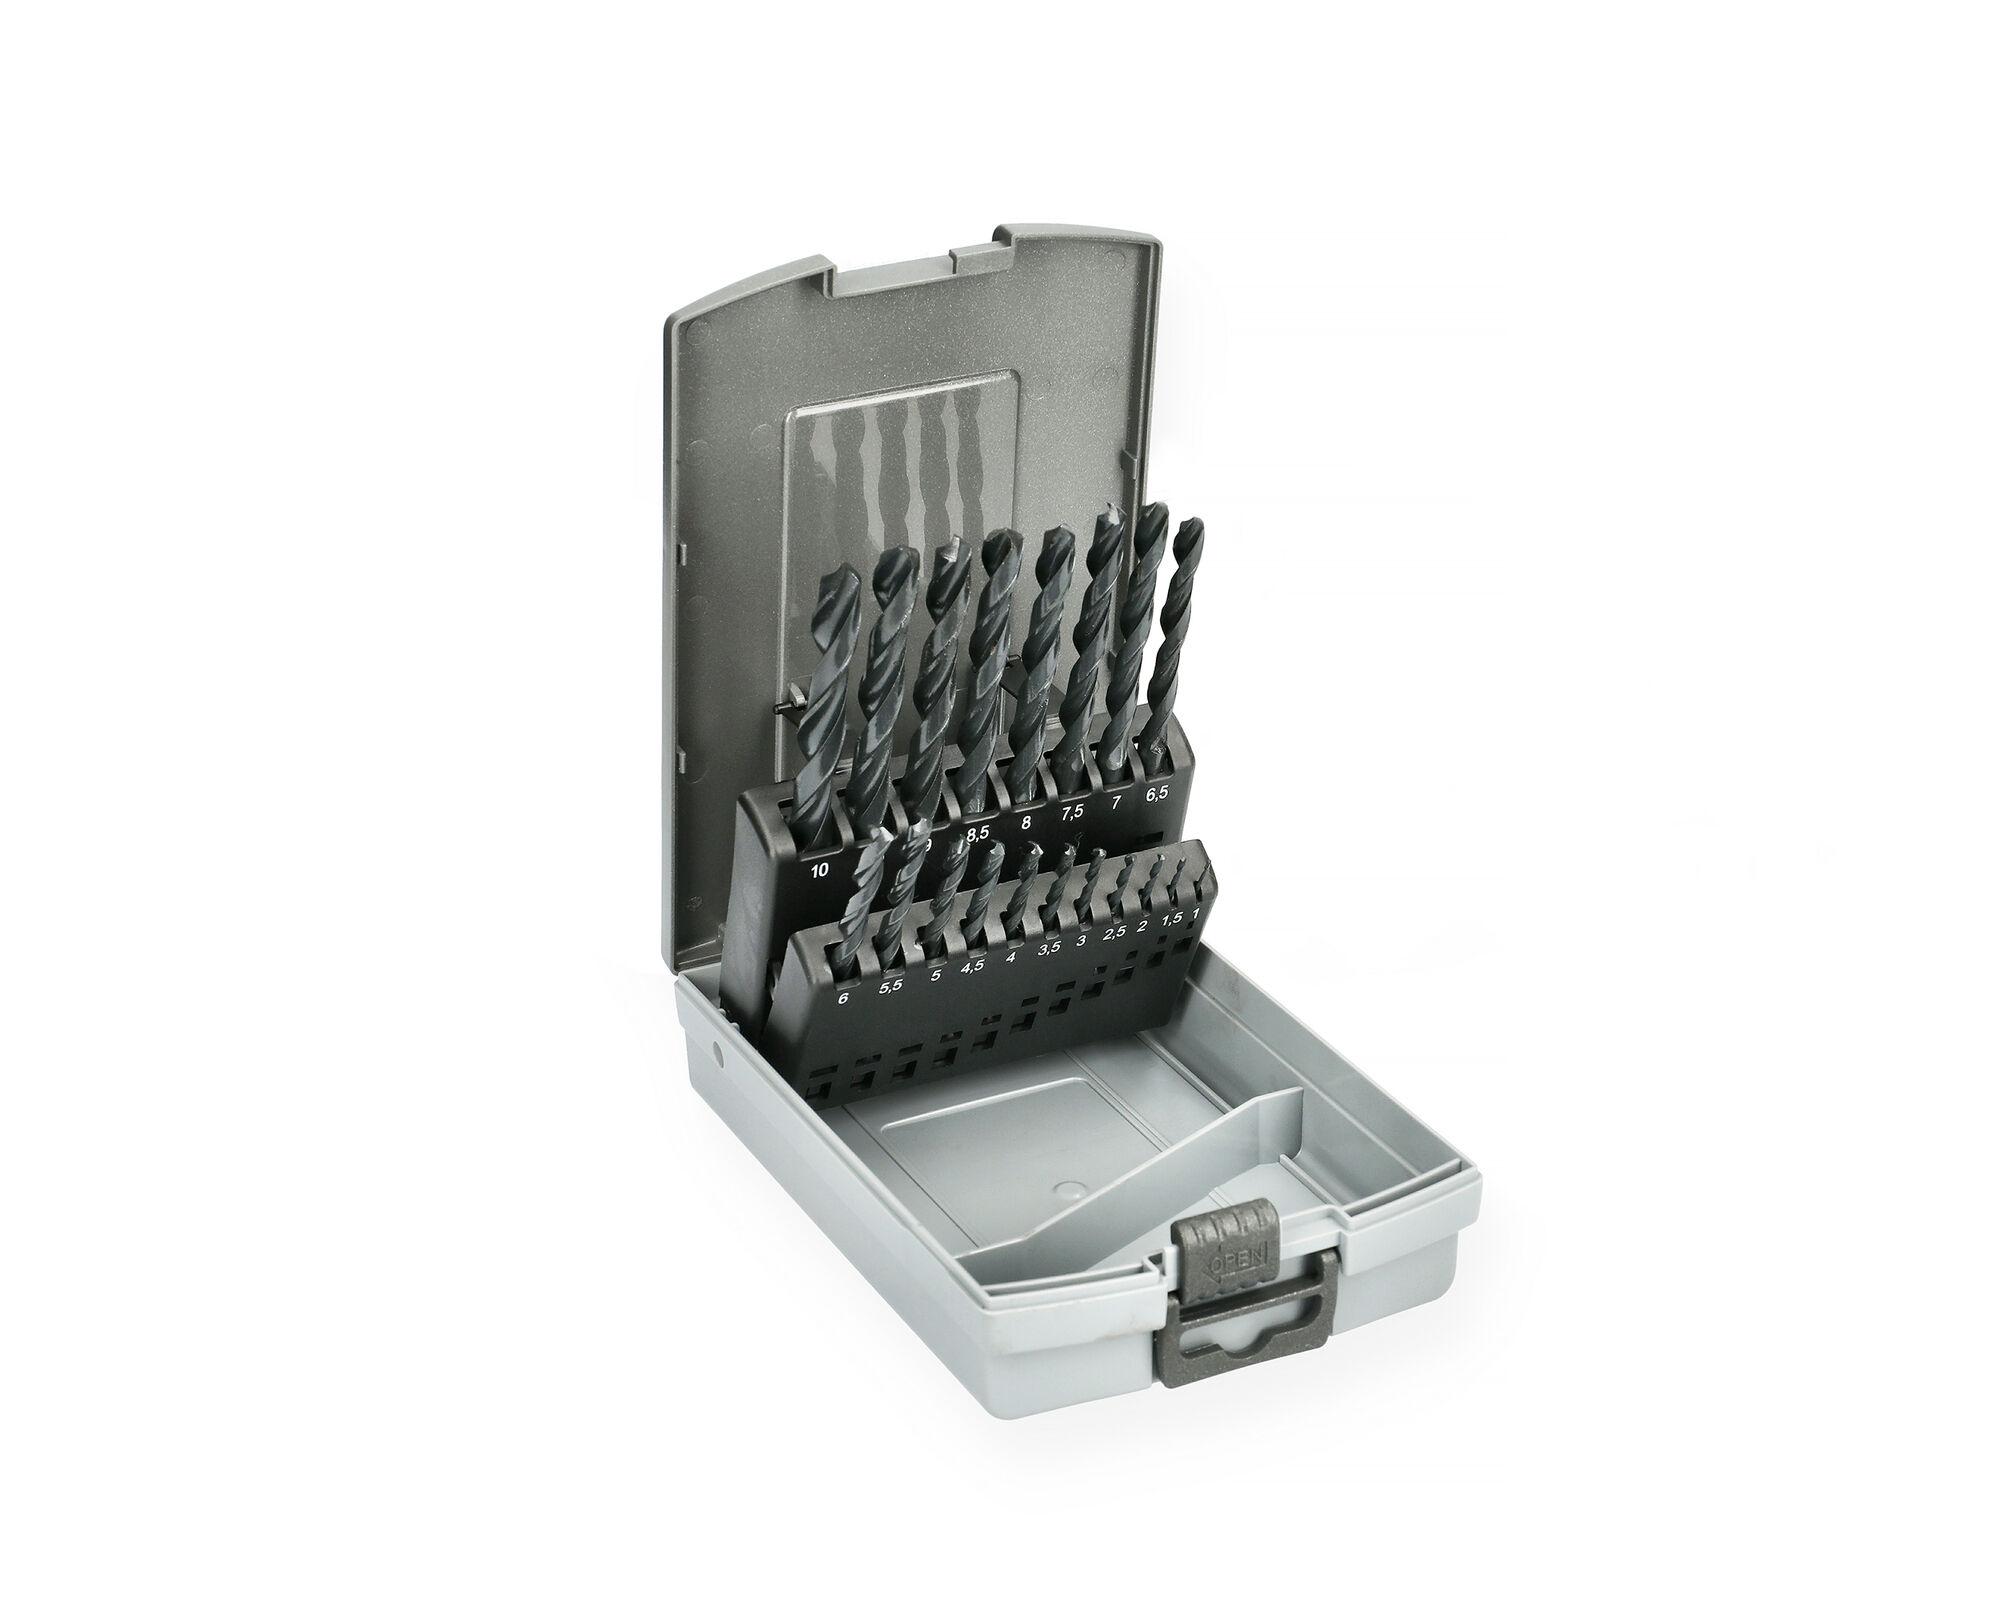 HANGER Coffret de 19 forets métaux HSS laminés - HANGER - 155090